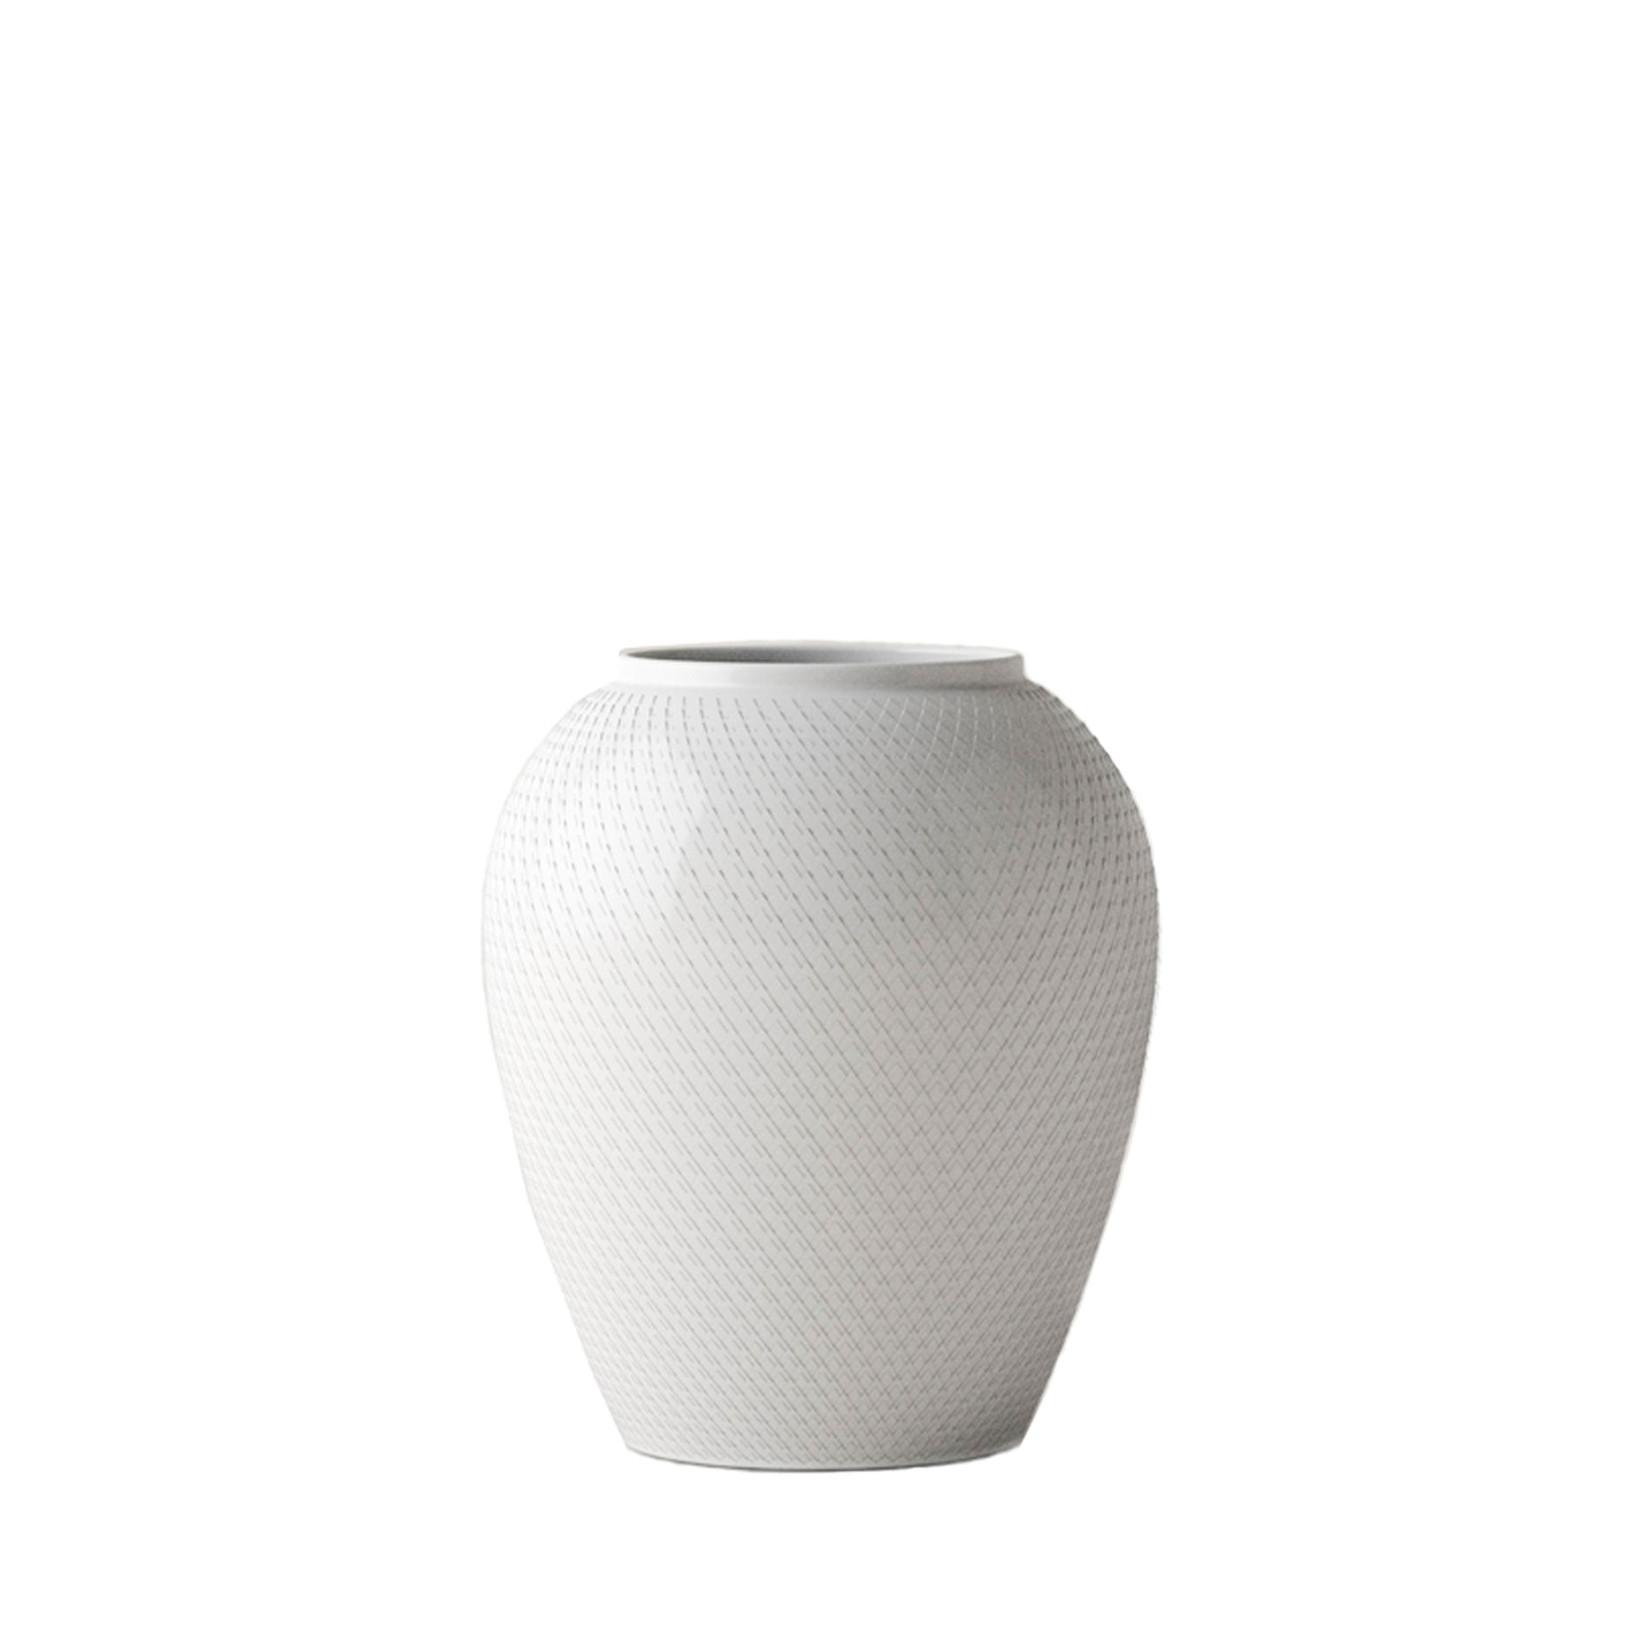 Populære Lyngby vase » Køb Lyngby vase fra Lyngby Porcelæn her ED-16